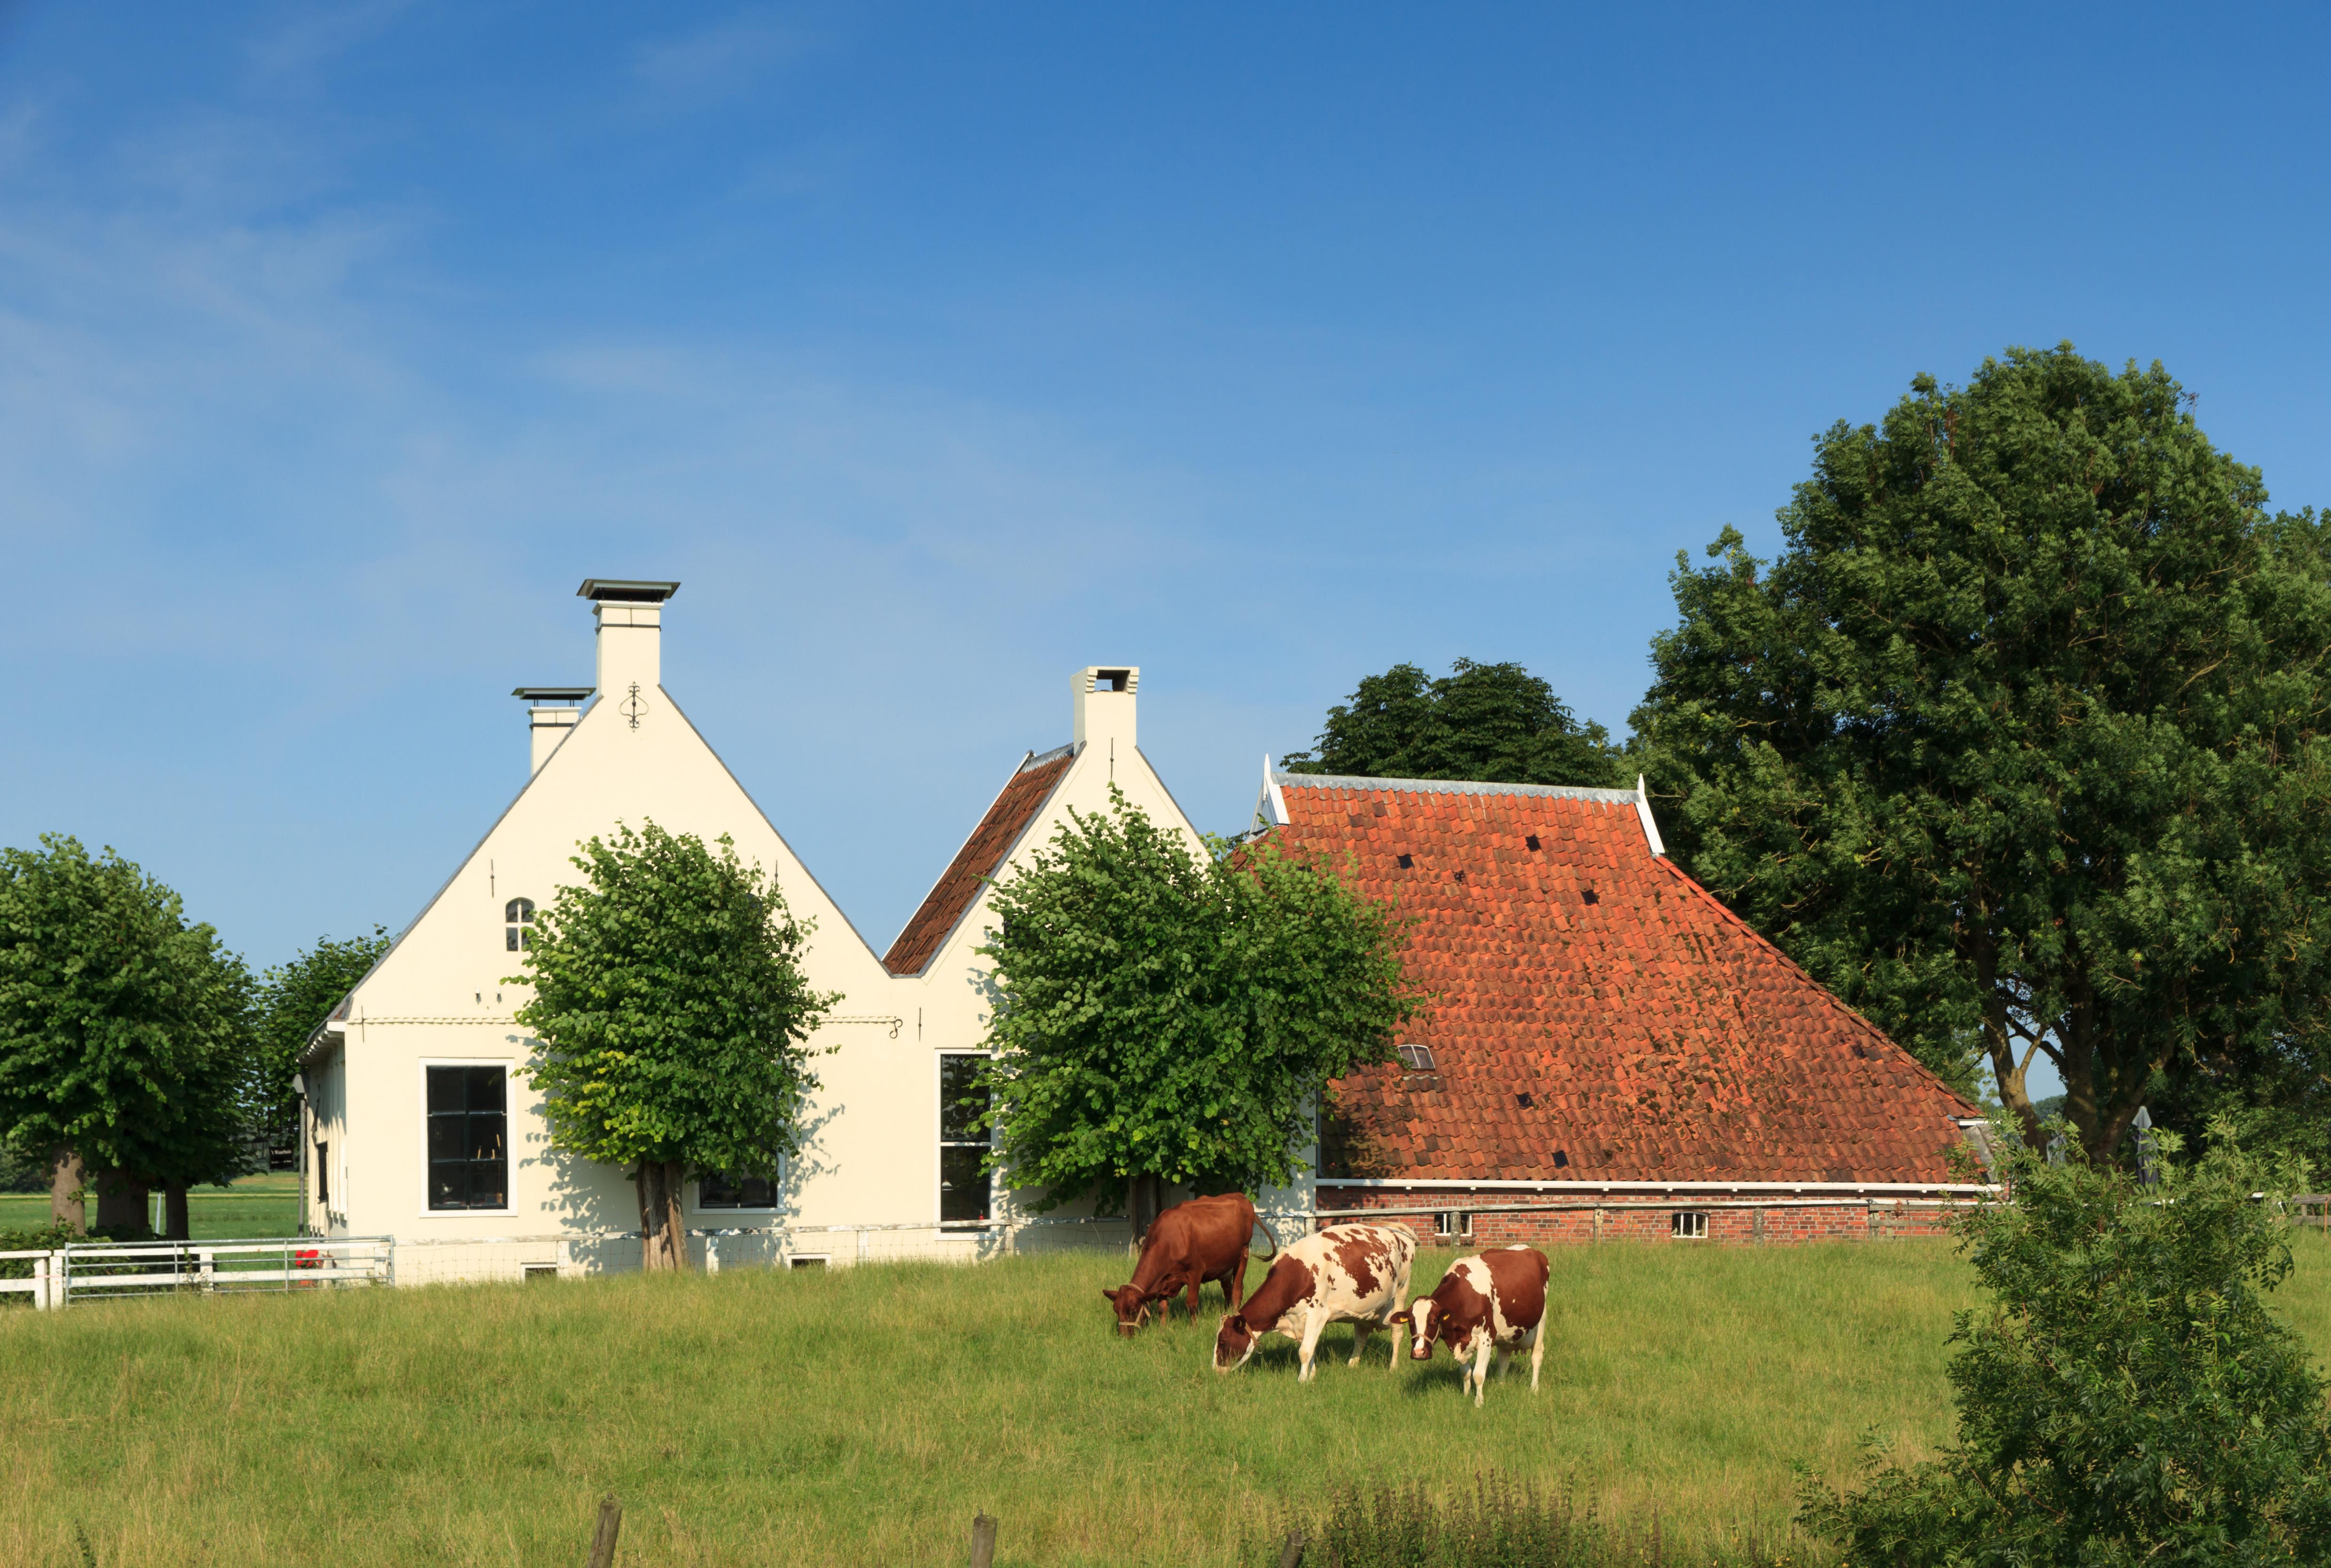 Agrarisch Makelaar Drenthe